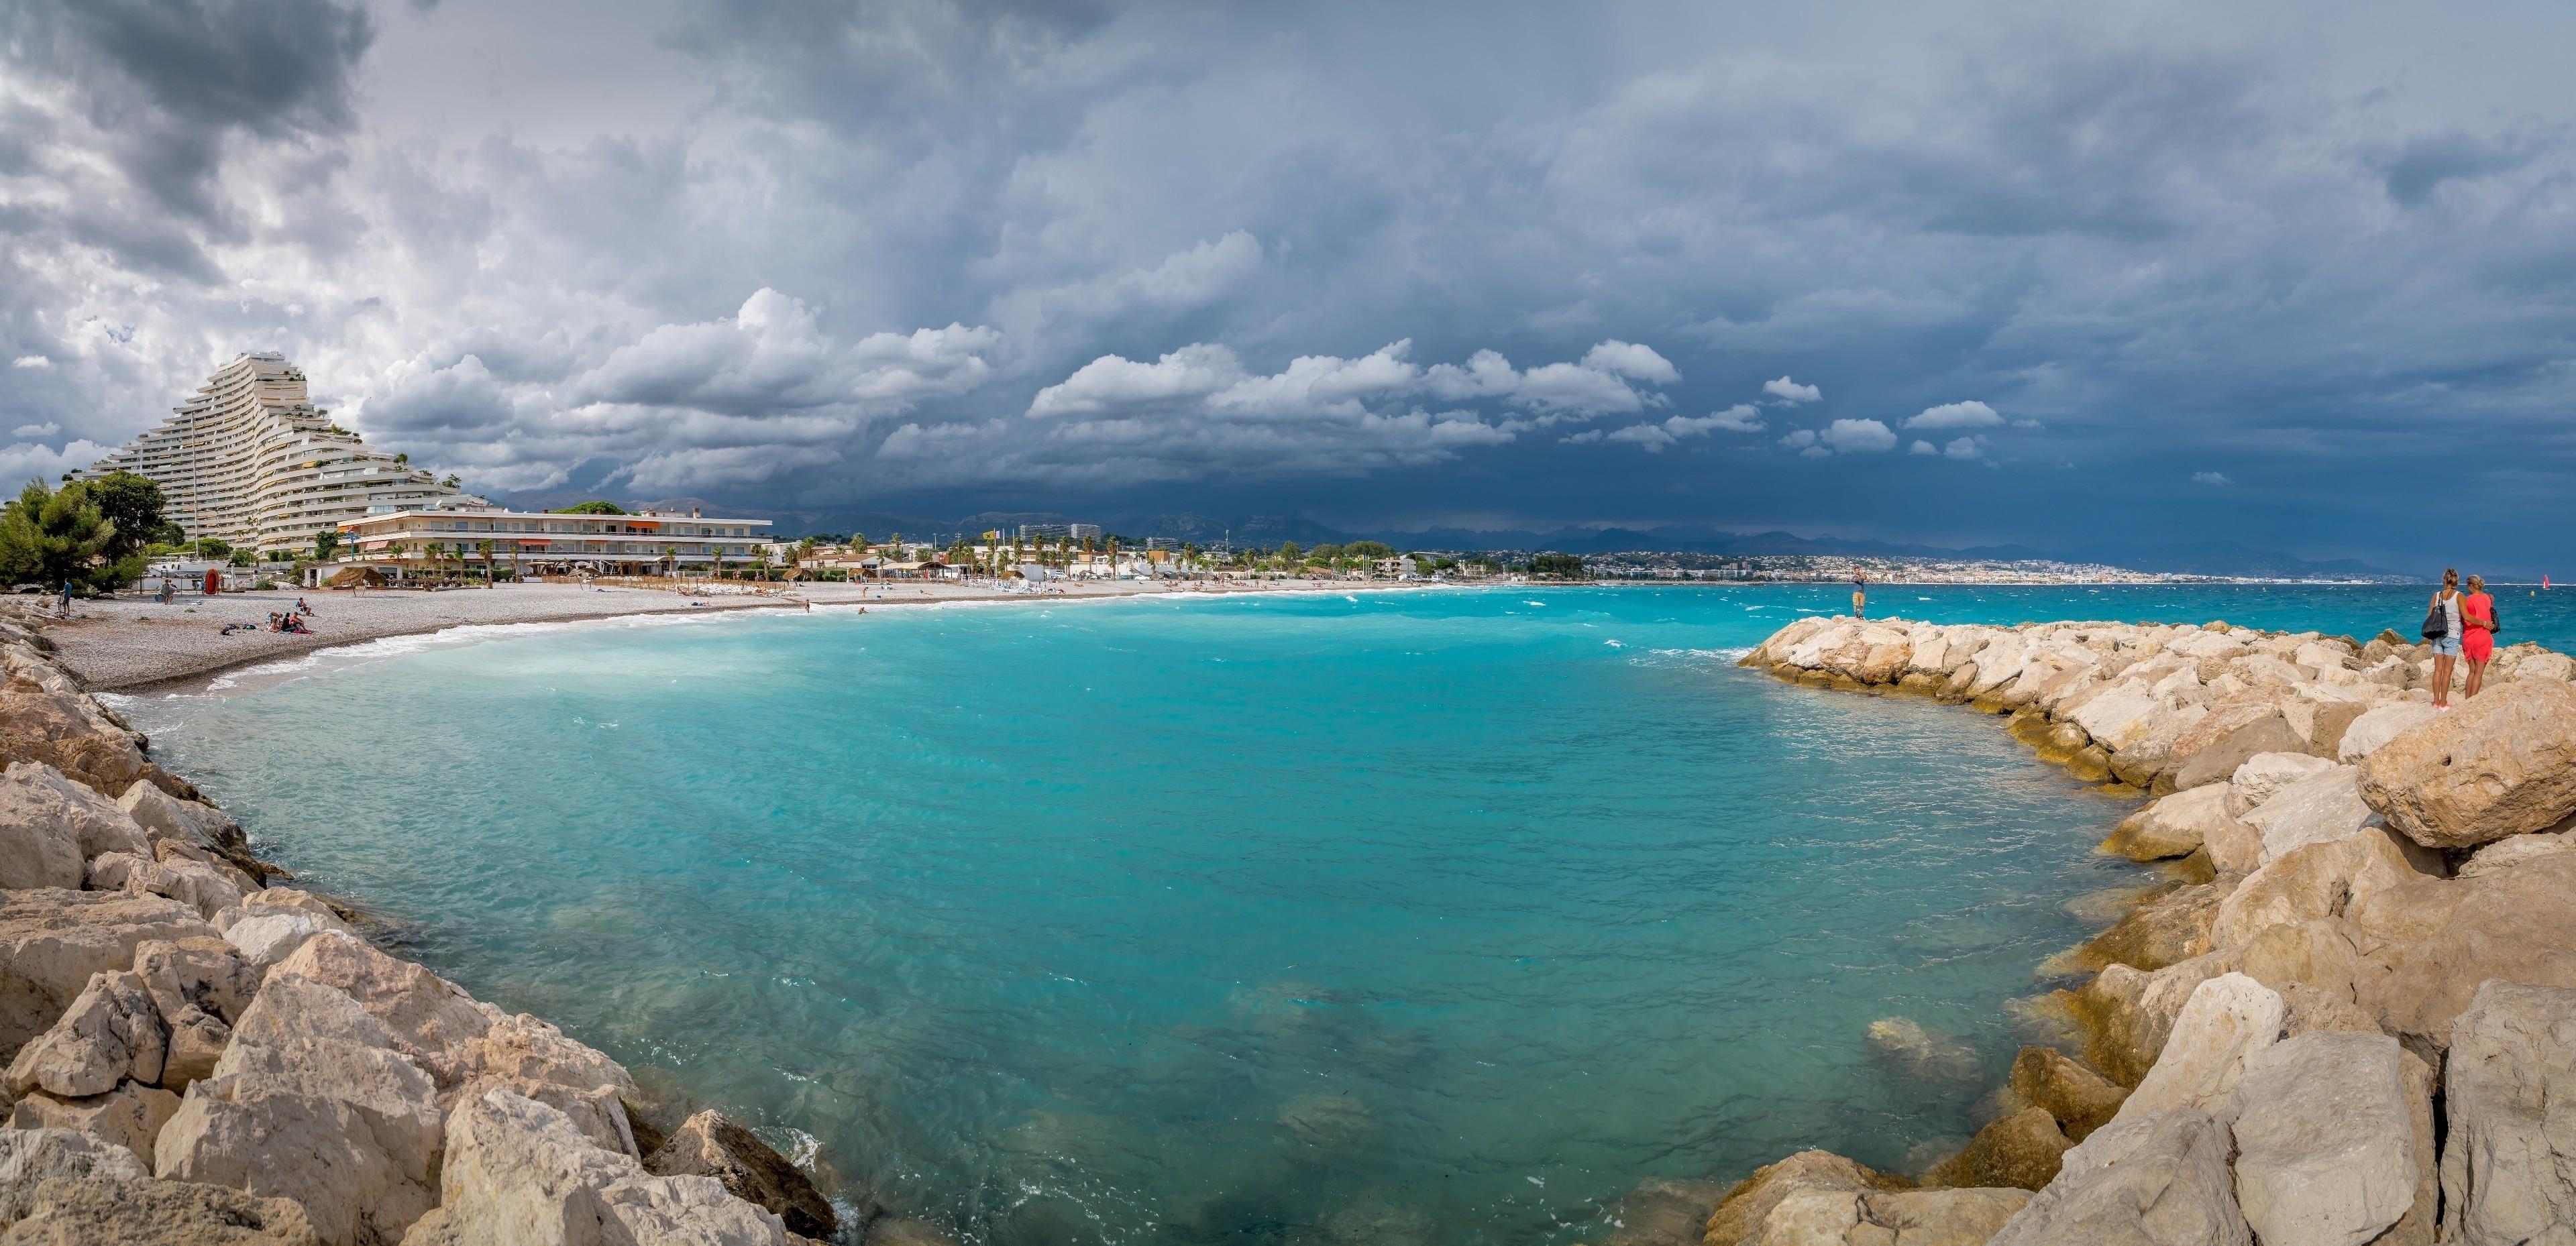 Villeneuve Loubet Beach, Villeneuve-Loubet, Alpes-Maritimes, France